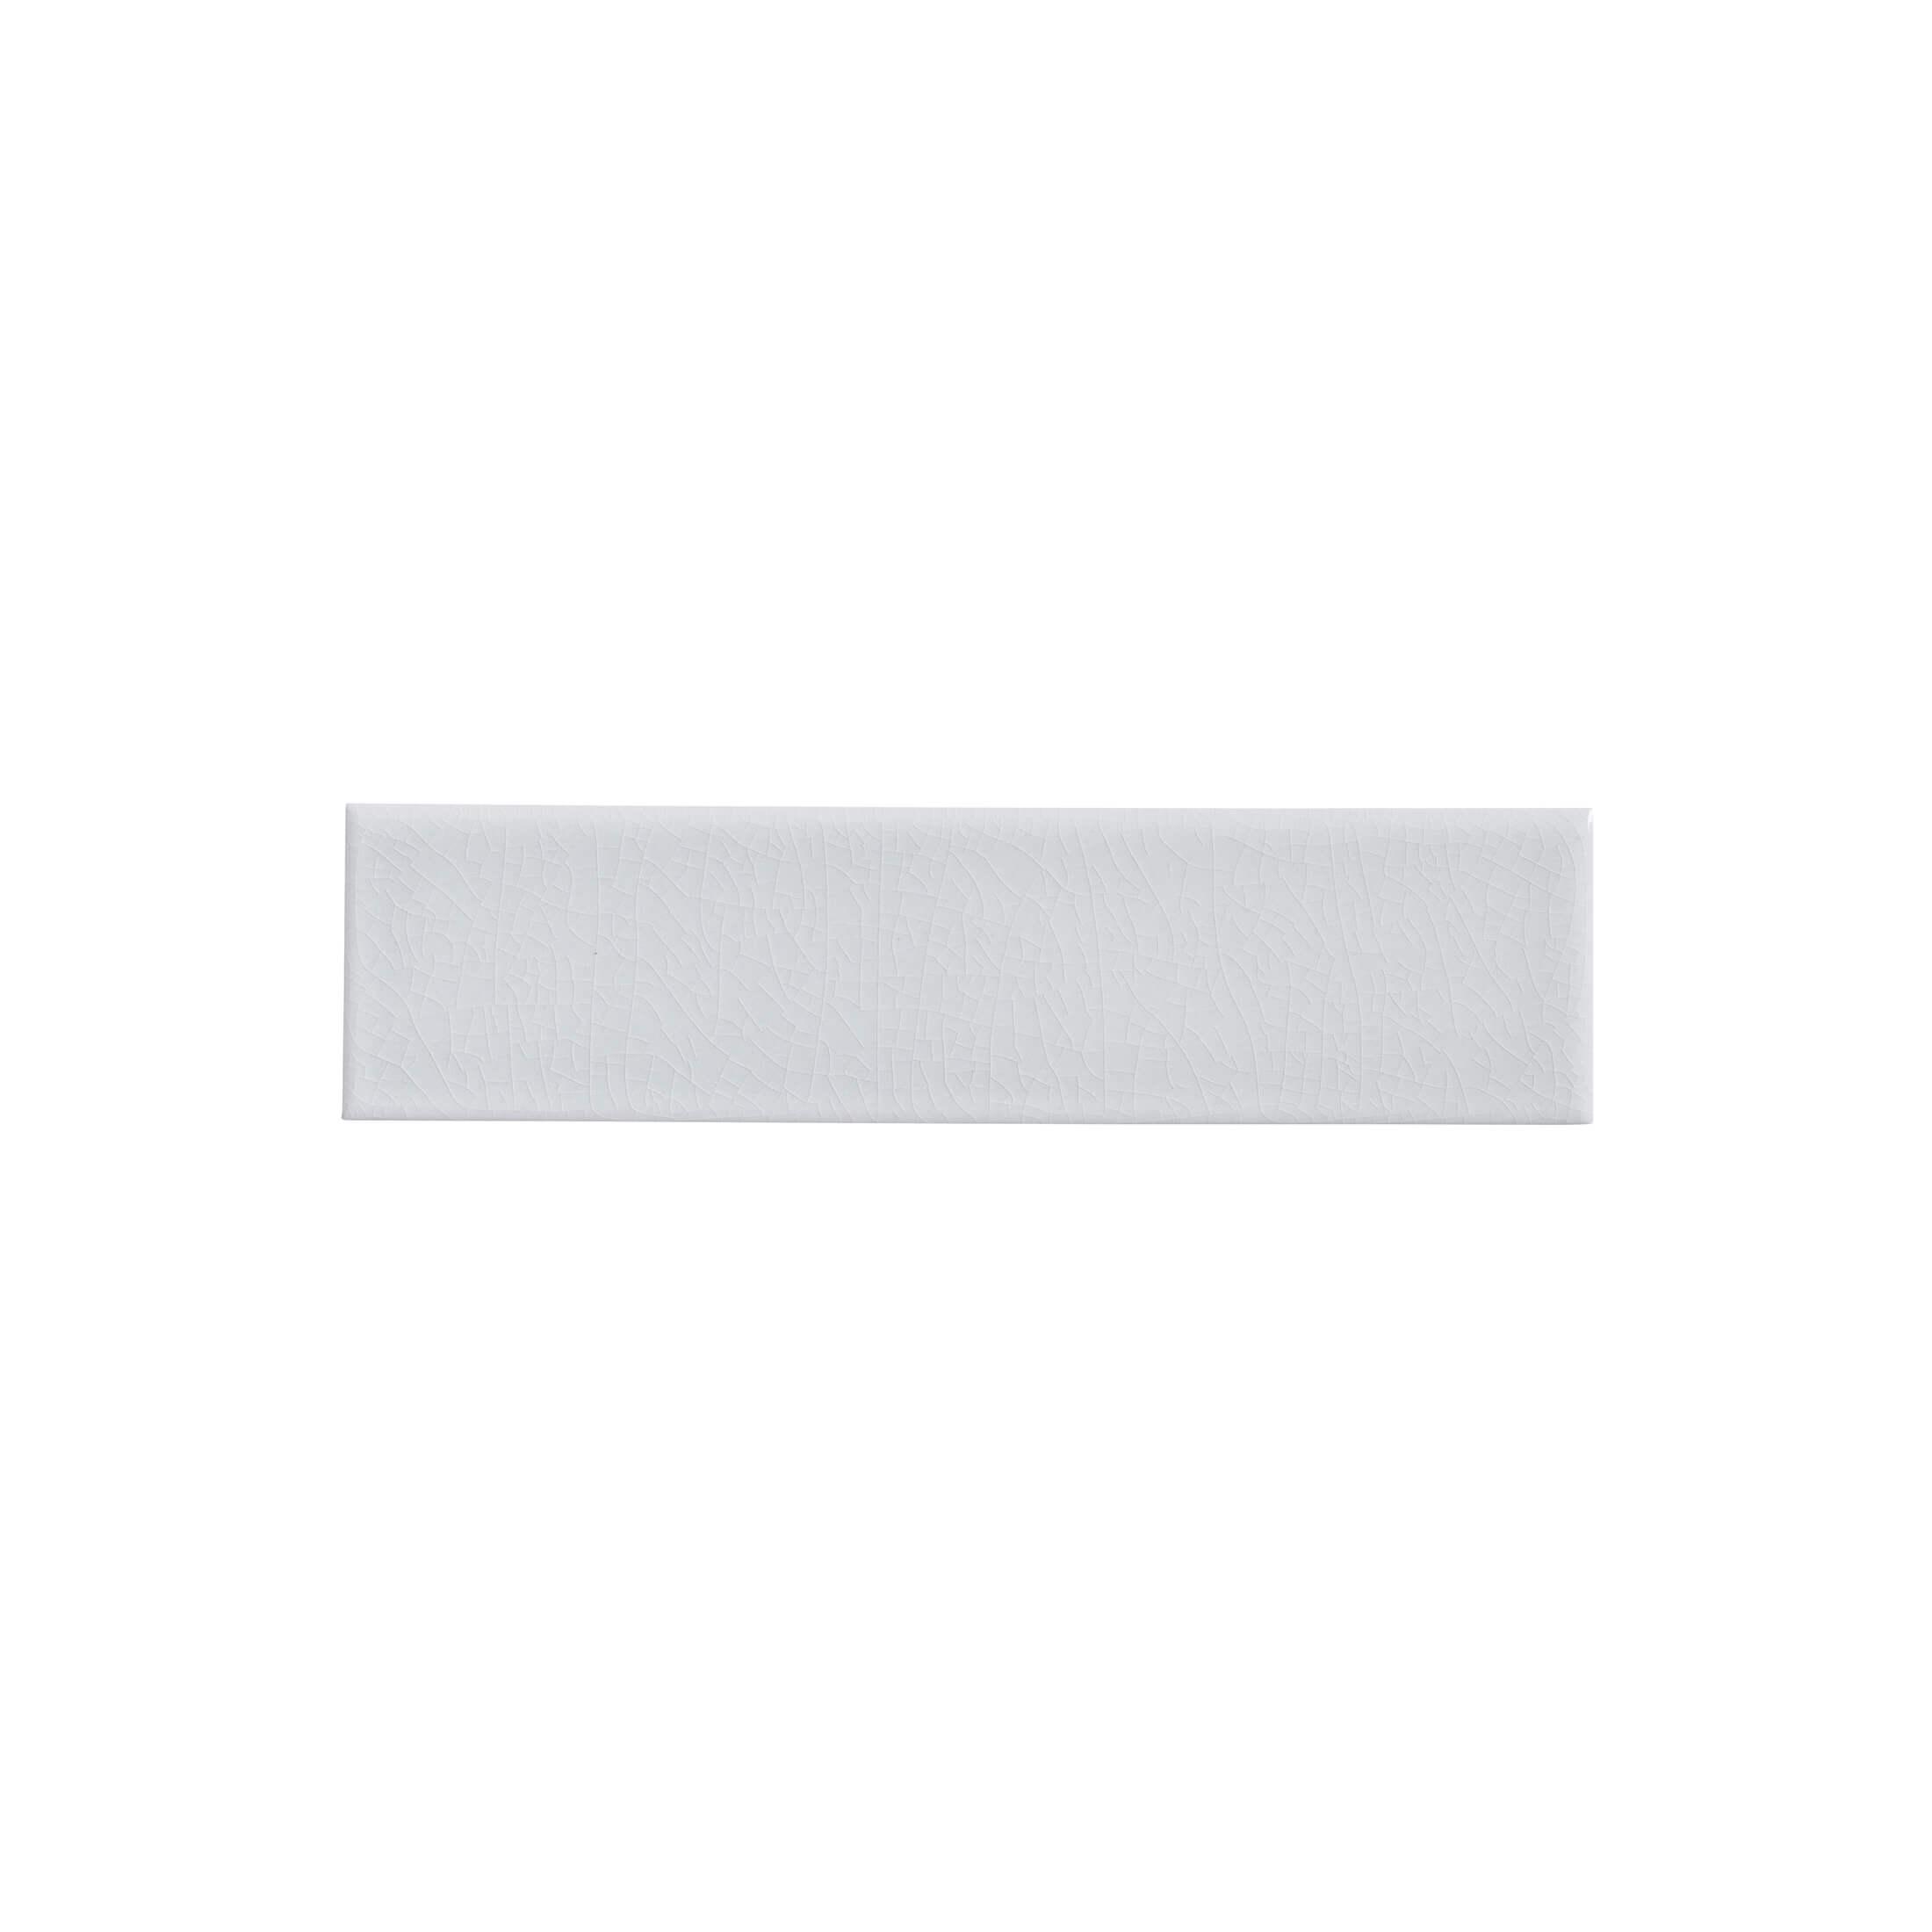 ADMO1080 - LISO PB C/C - 5 cm X 20 cm